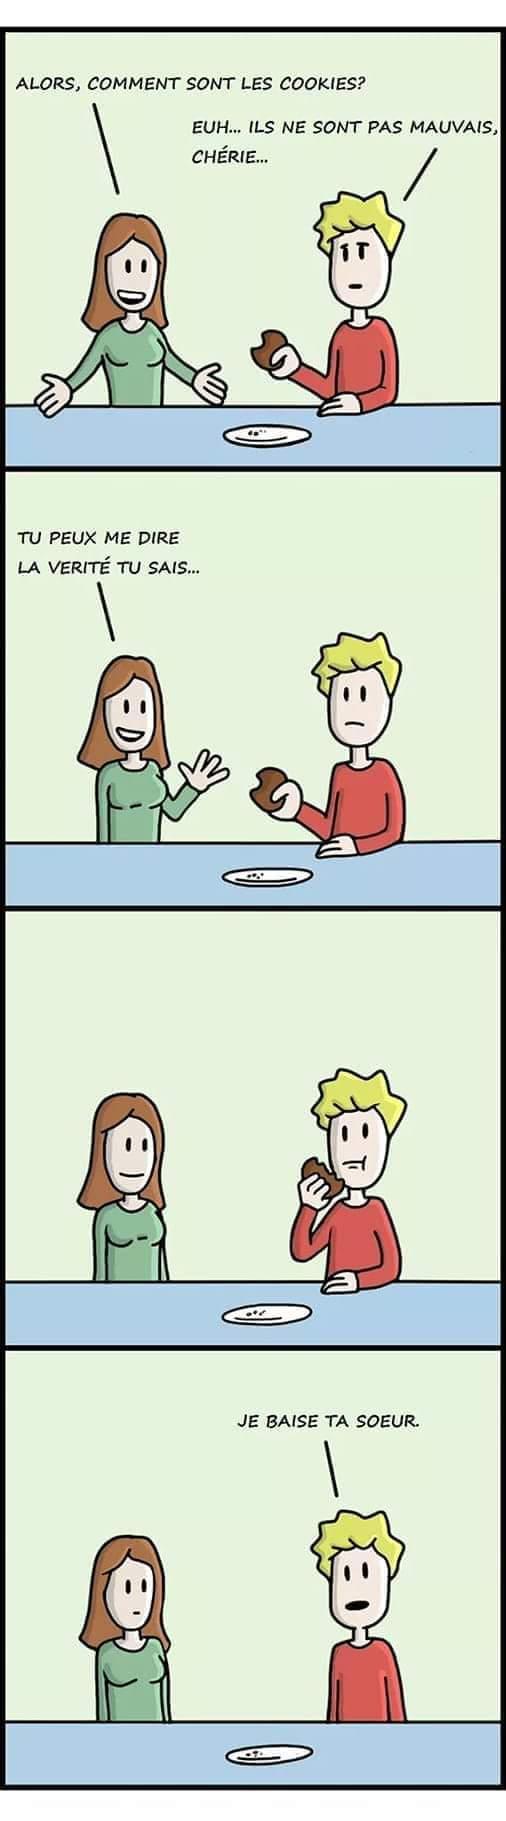 Je préfère les muffins - meme